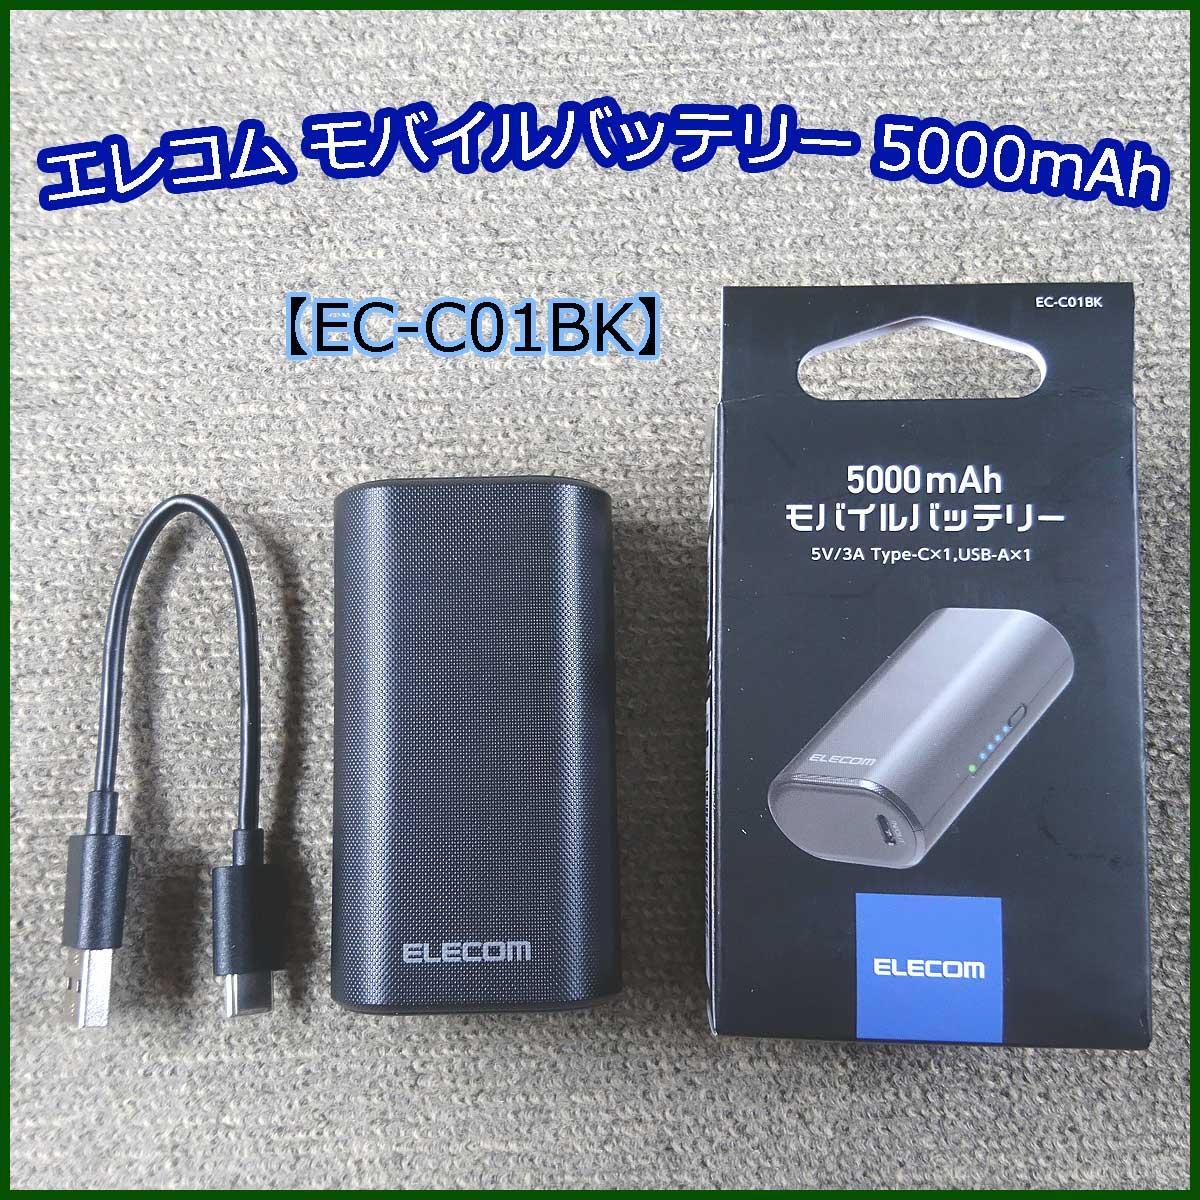 モバイルバッテリー 充電器 5000mAh エレコム EC-C01BK